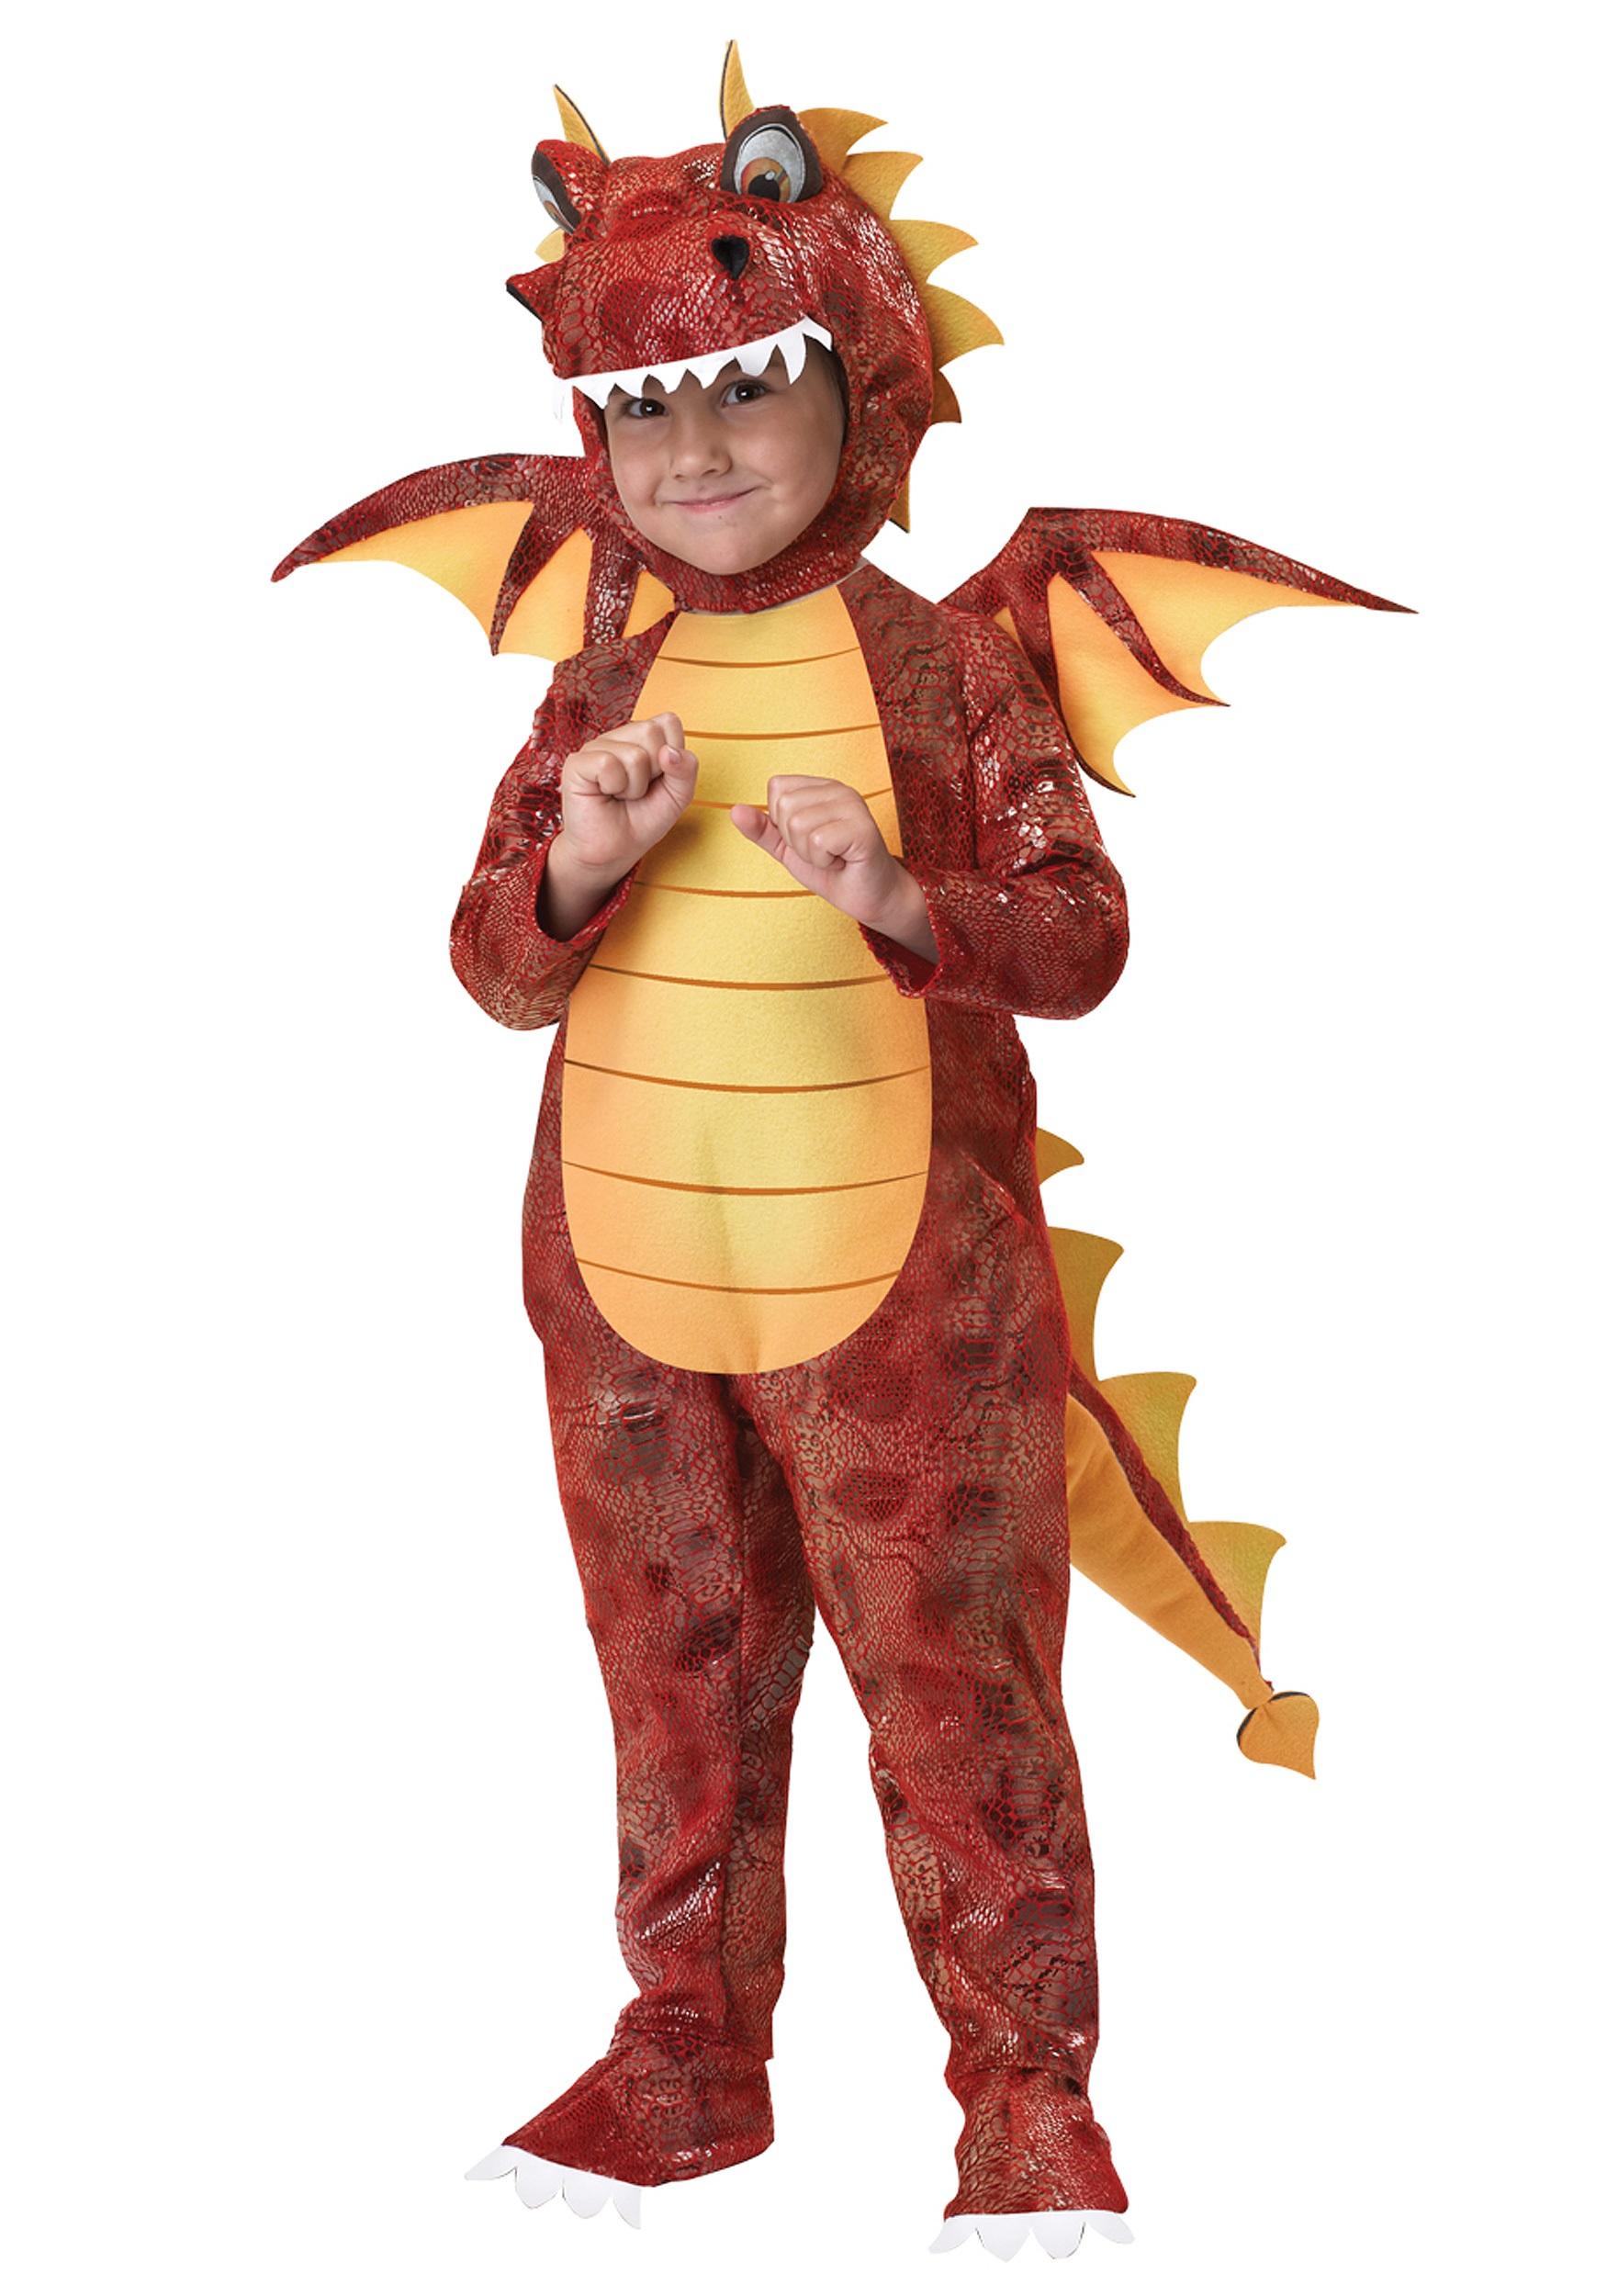 Делаем новогодний костюм дракона своими руками